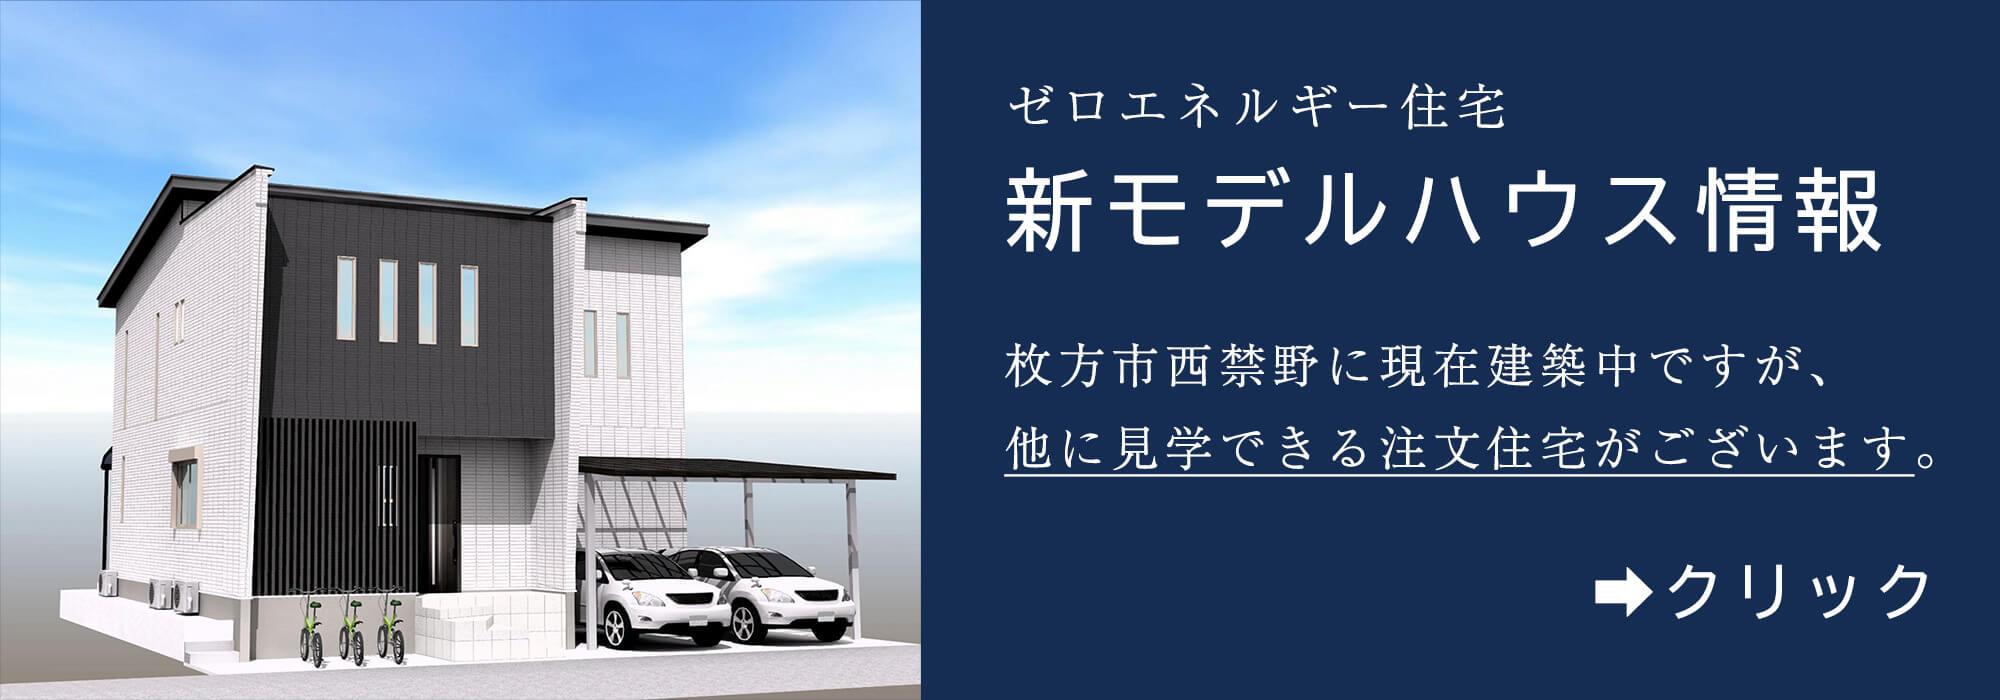 枚方市内の新モデルハウス建築のお知らせ